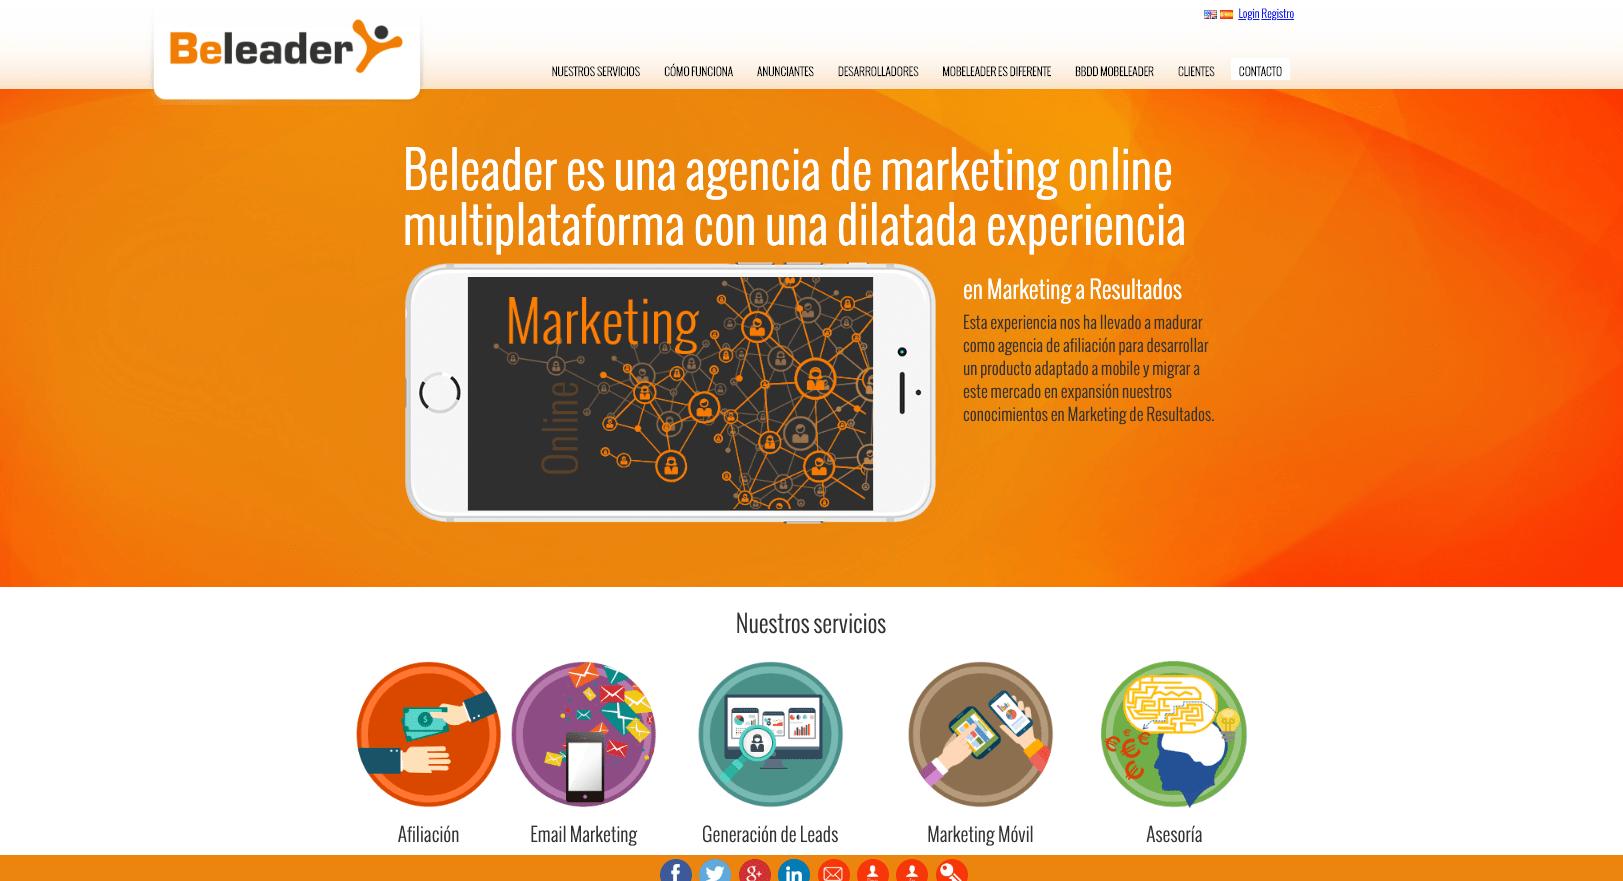 beleader_web_2